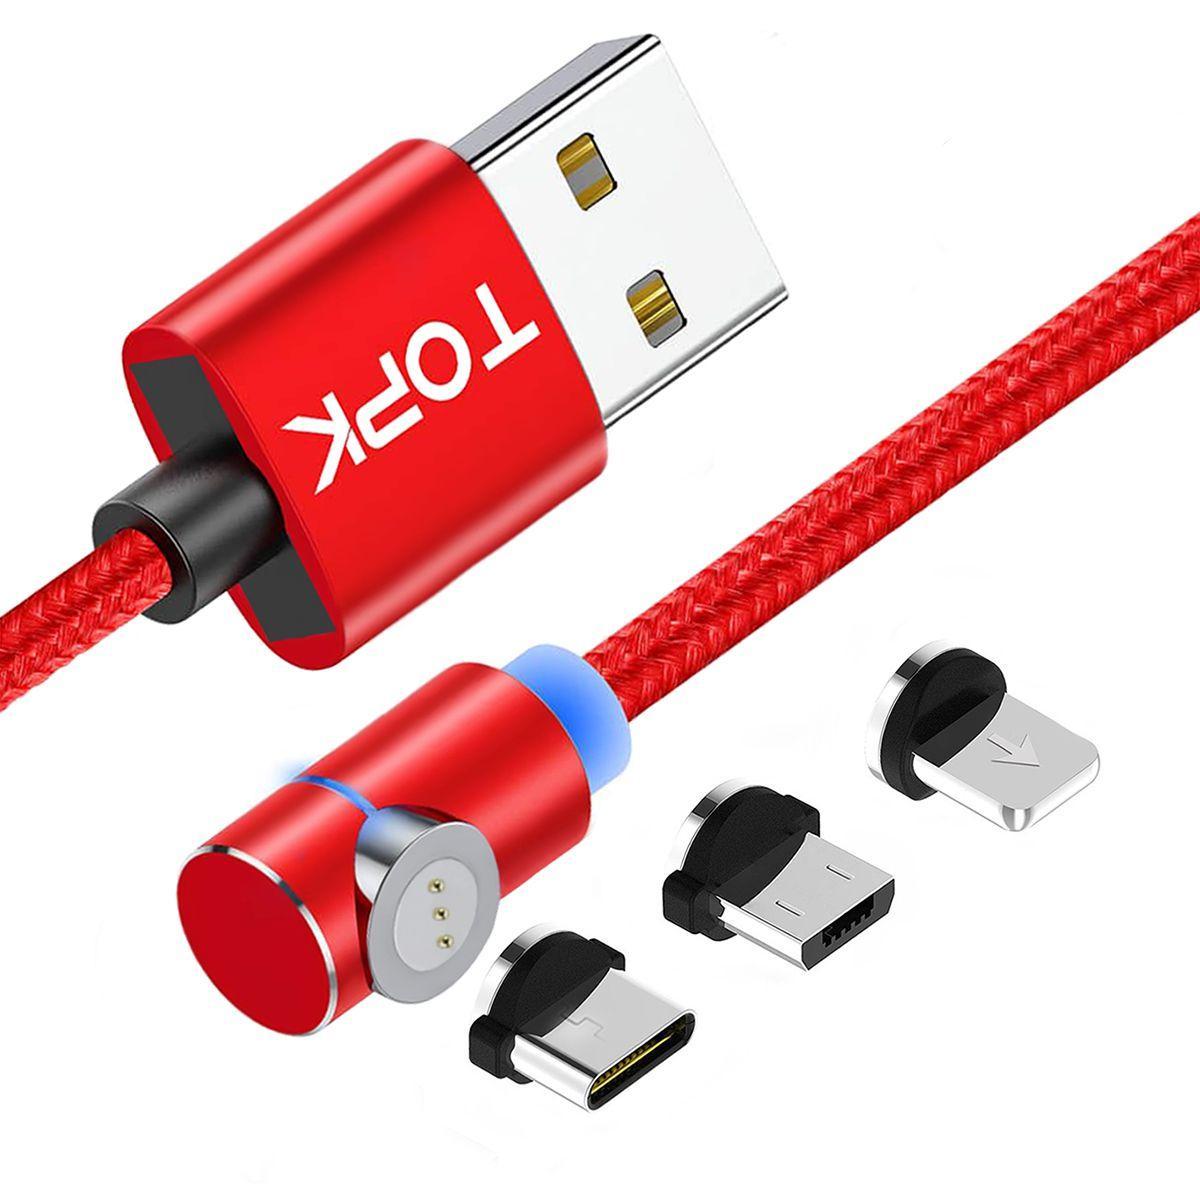 Магнітний кабель TOPK (AM69) 3в1 (SL 3A) для заряджання і передачі даних (100 см) Red